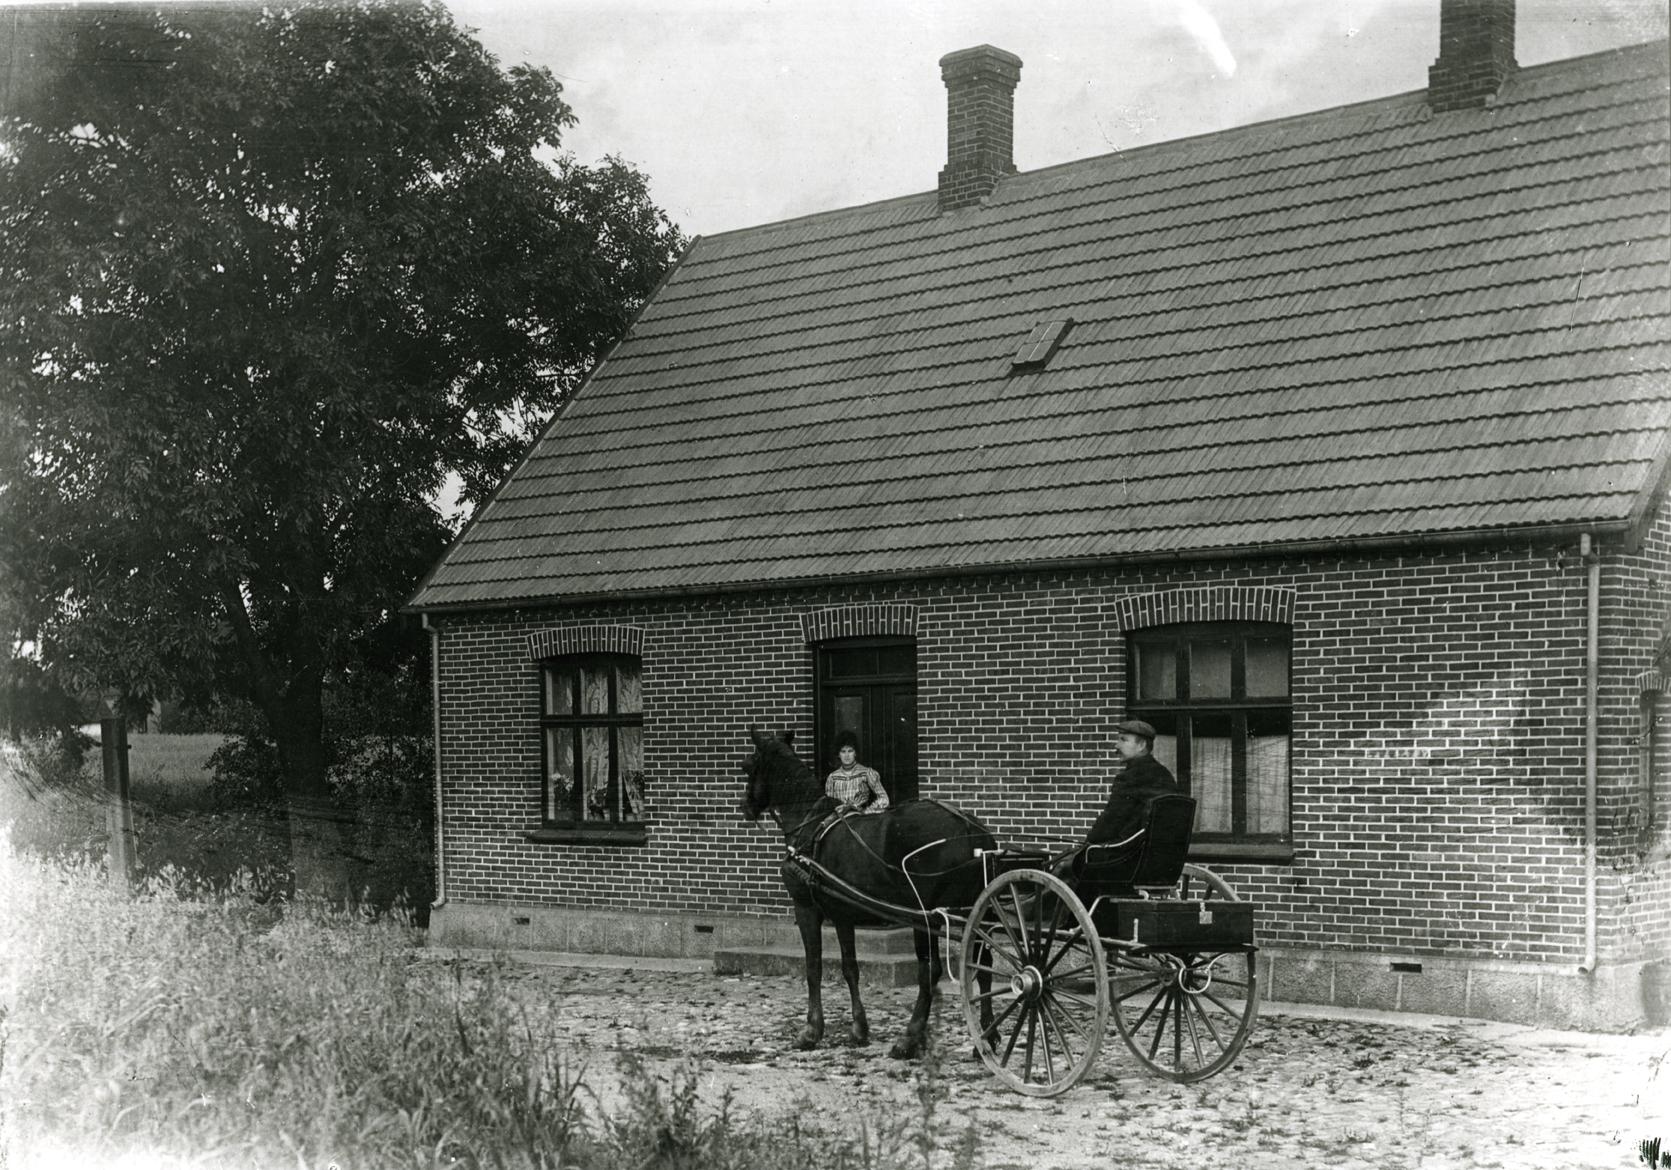 """Billede 23 Kristen Boersvej 3 Dyrlæge Kristen Boers 1905 Kristen Boers, parat til at køre i praksis. Hans kone, Helga Boers, har striglet hesten, lagt seletøj på """"Ku-ku"""" - gammel cirkushest, meget høj - men da mor var lille bøjede hesten sig ned og stod med skrævende ben, så mor kunne lægge seletøjet på. Mor vaskede også vognen og passede, at alt var i orden i apotekerkassen bag på køretøjet, som vi kaldte kareten. Far havde købt den af sin forgænger, der var nordmand. Det var også mors job at skære hakkelse til hesten."""